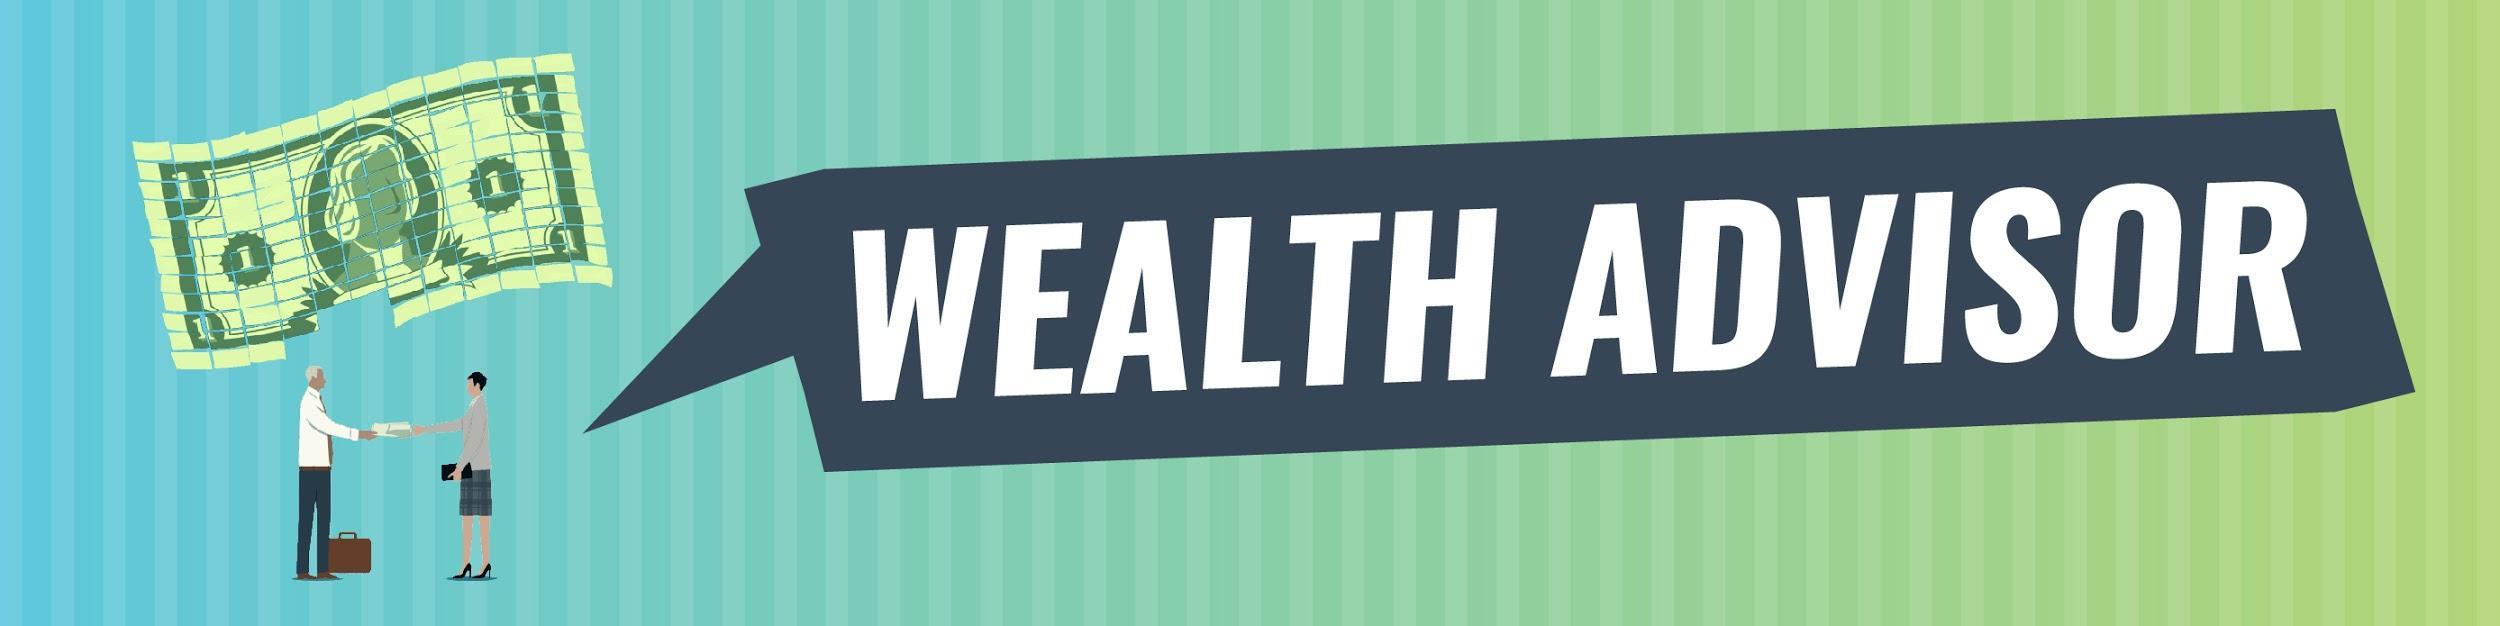 Wealth Advisor header